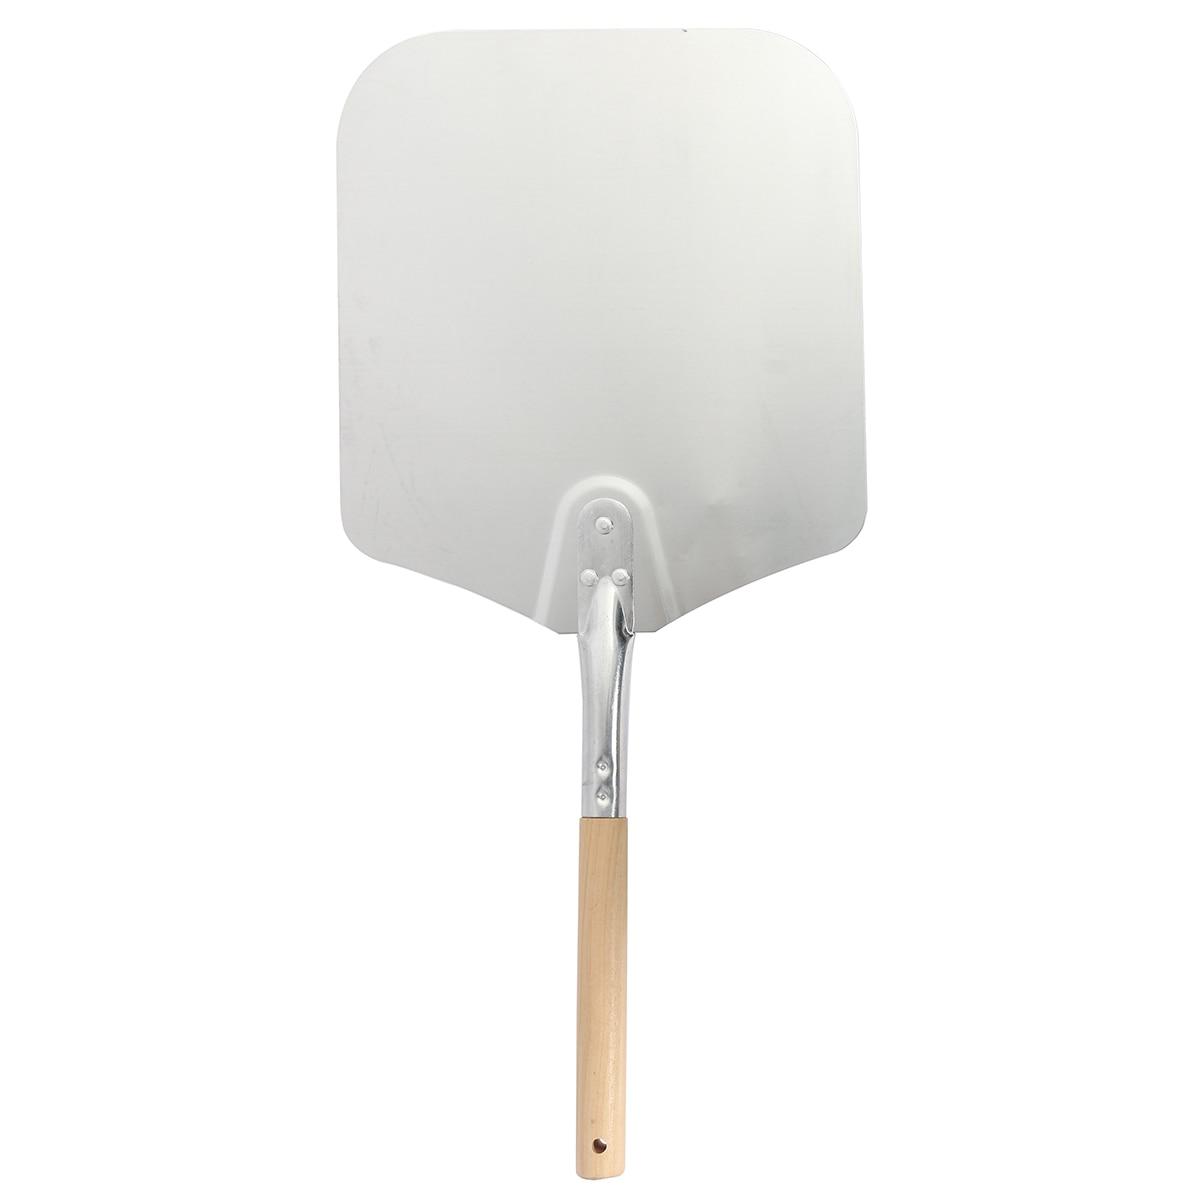 Liga de alumínio pizza espátula pá bolo levantador placa titular ferramenta cozimento cortador queijo casca bakeware acessórios cozinha gadgets - 2